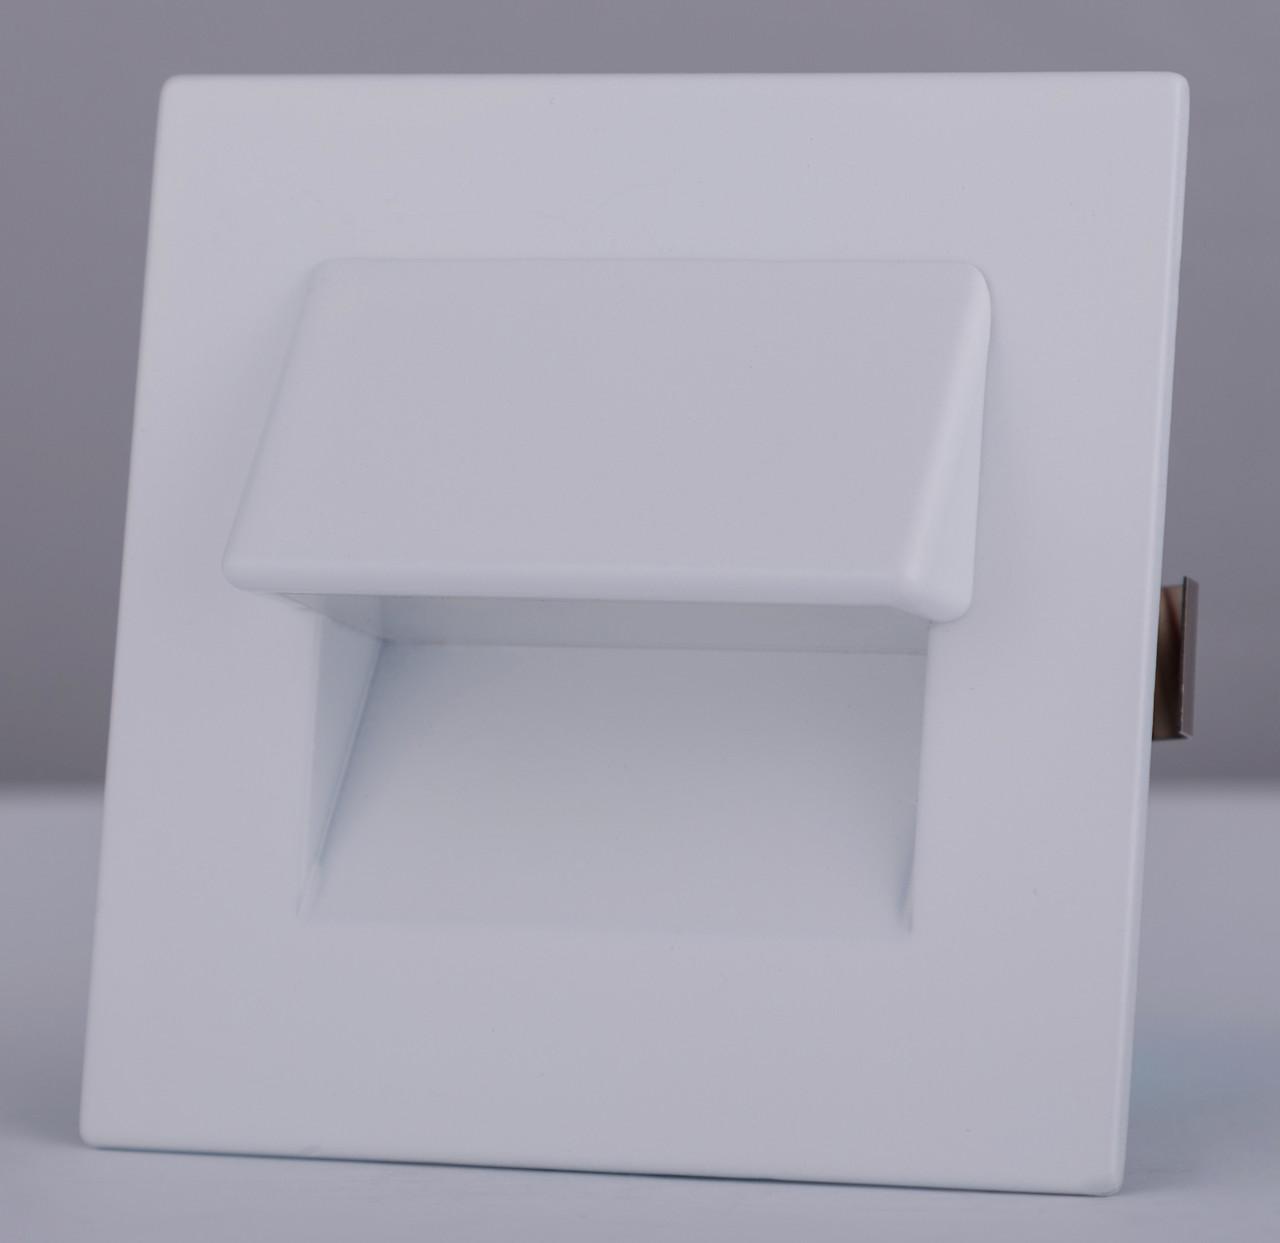 Подсветка LED декоративная LIVE, белый, холодный белый